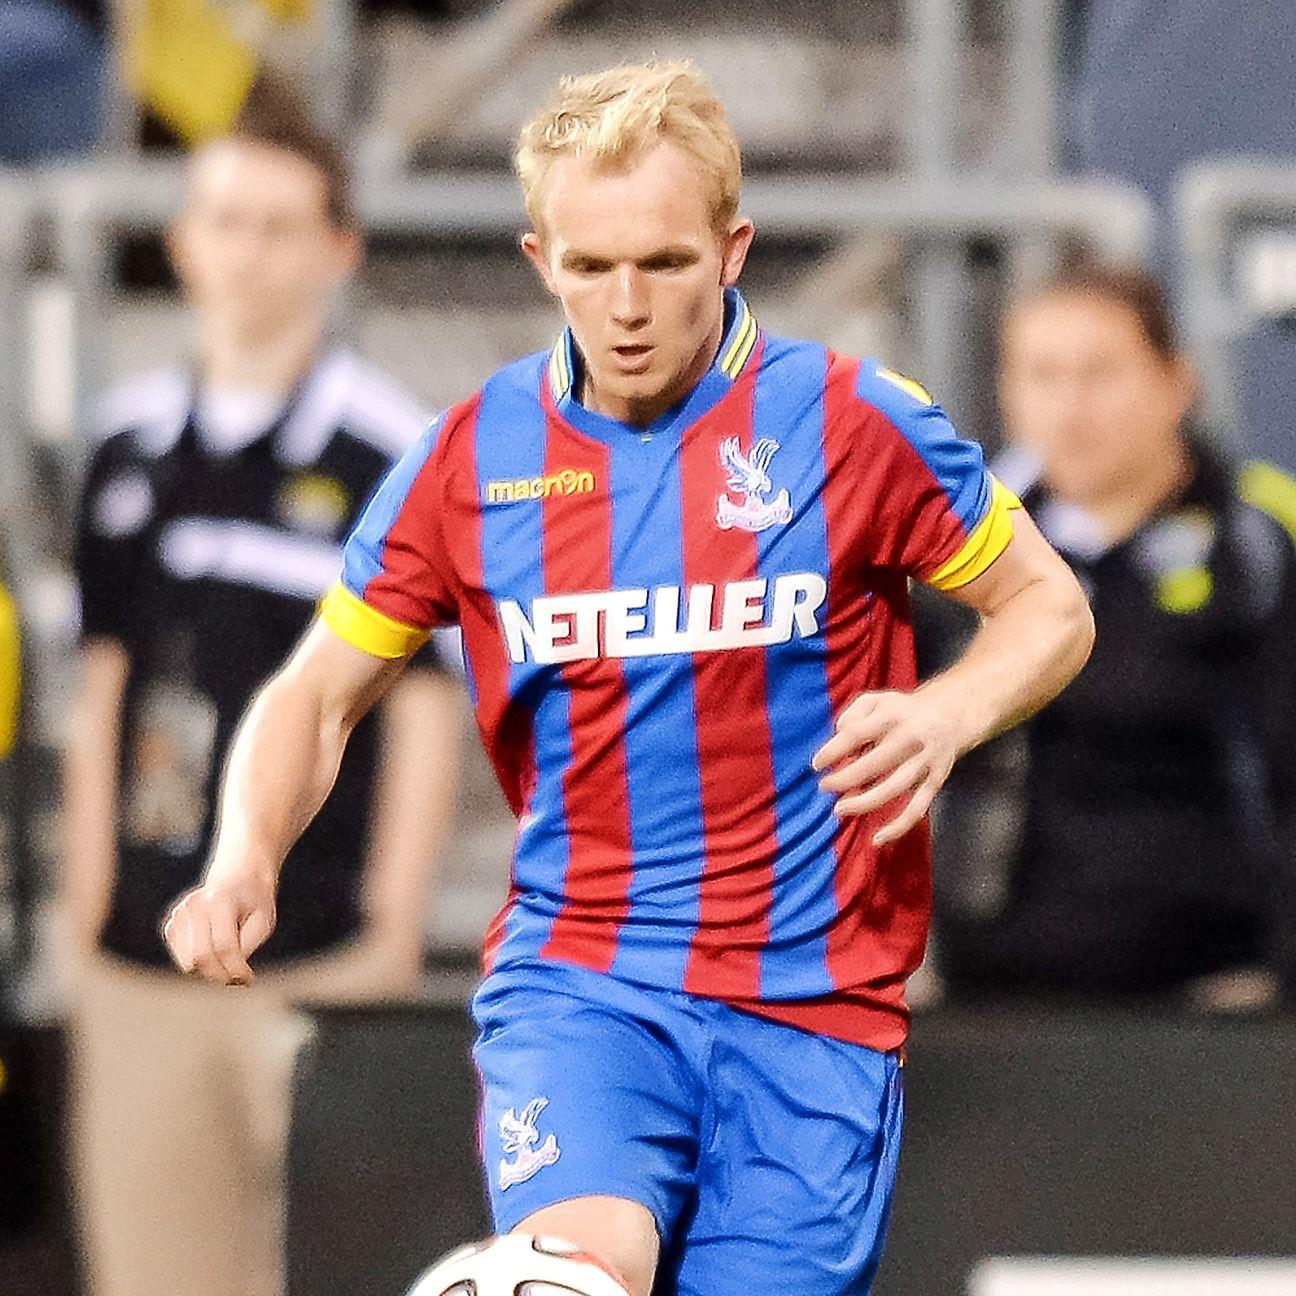 Crystal Palace starlet Jonny